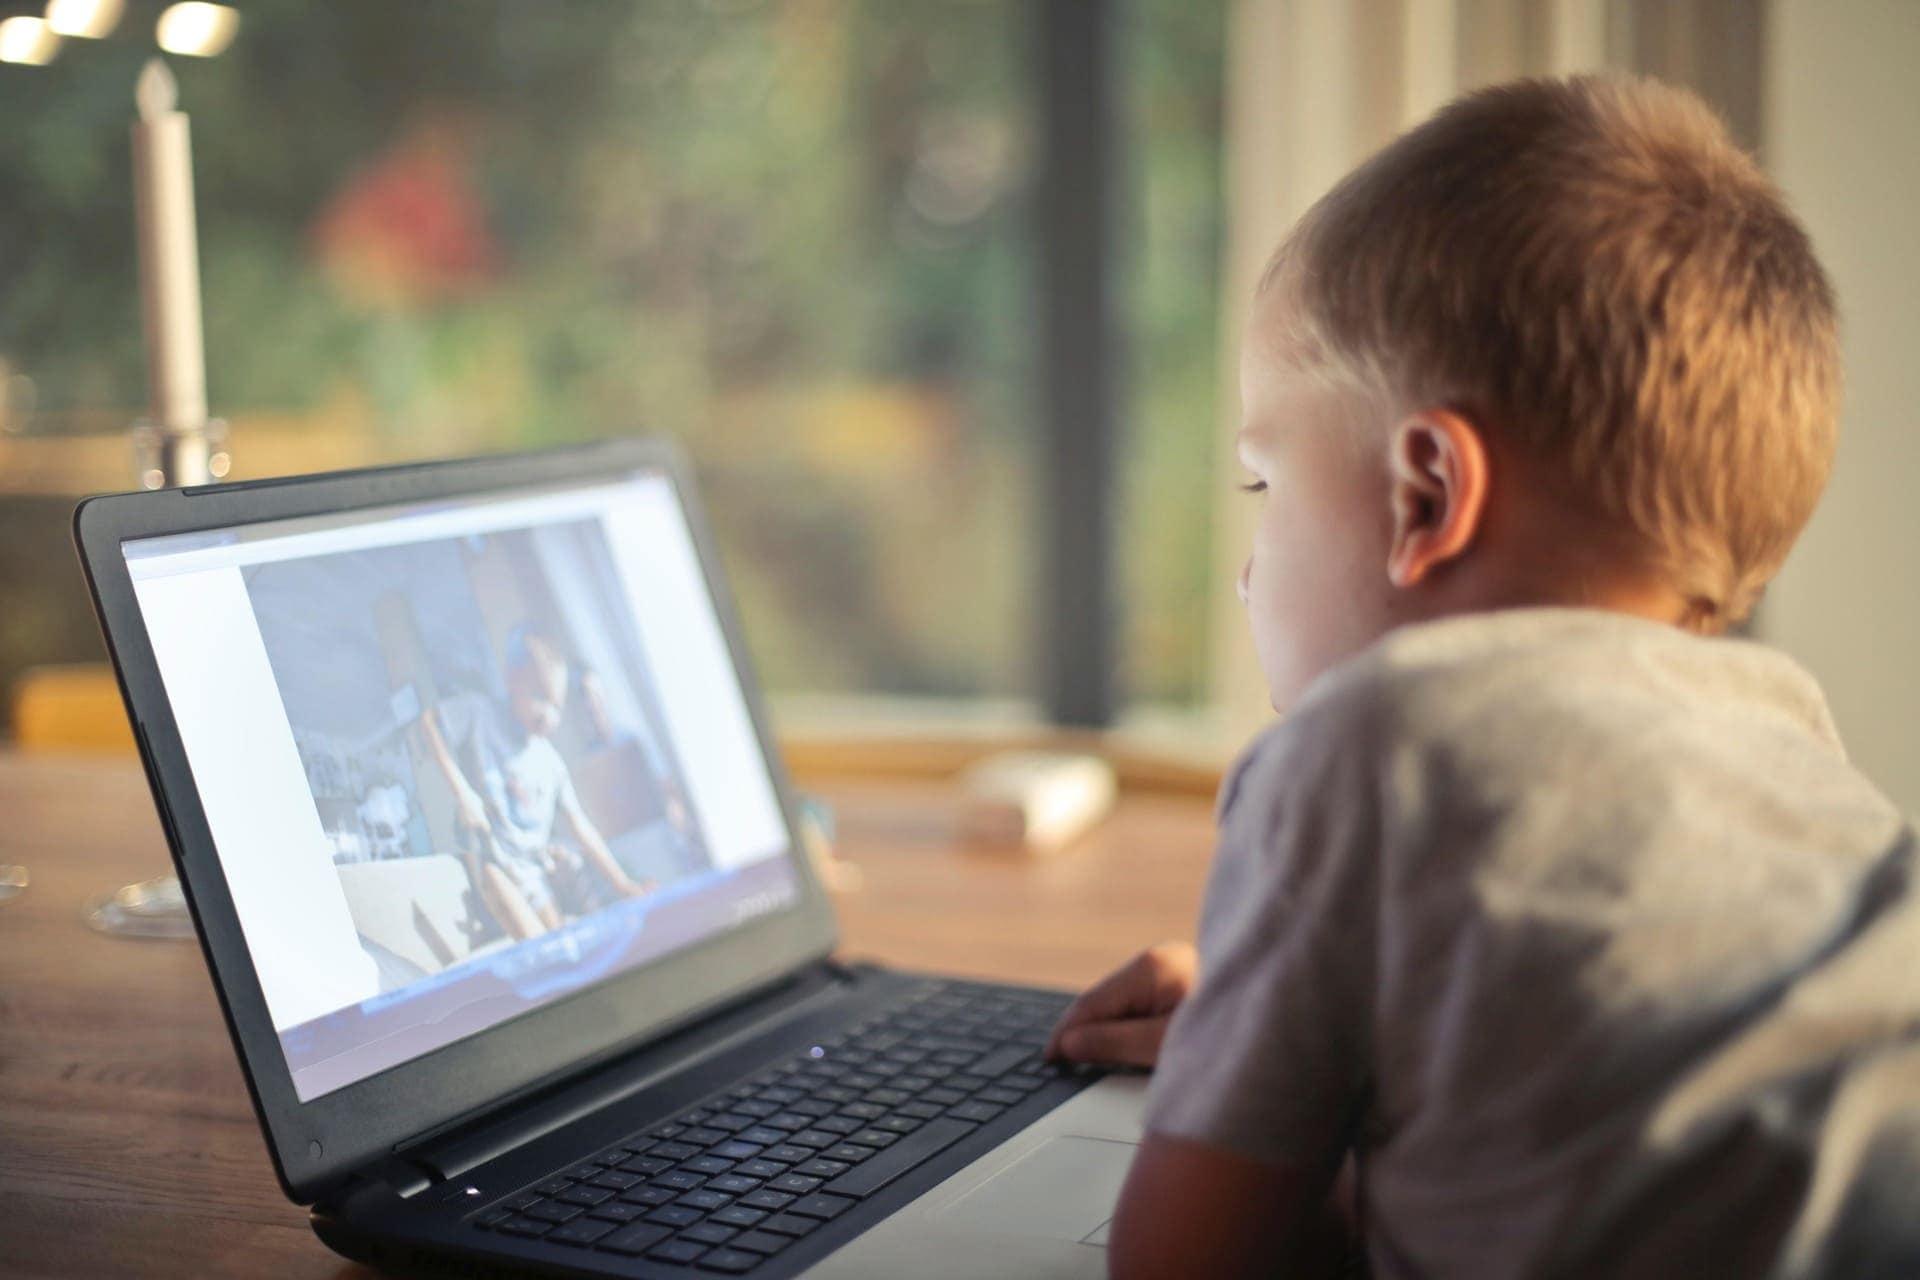 KIM-Studie 2018 zum Medienumgang 6- bis 13-Jähriger veröffentlicht Jedes dritte Kind nutzt täglich WhatsApp